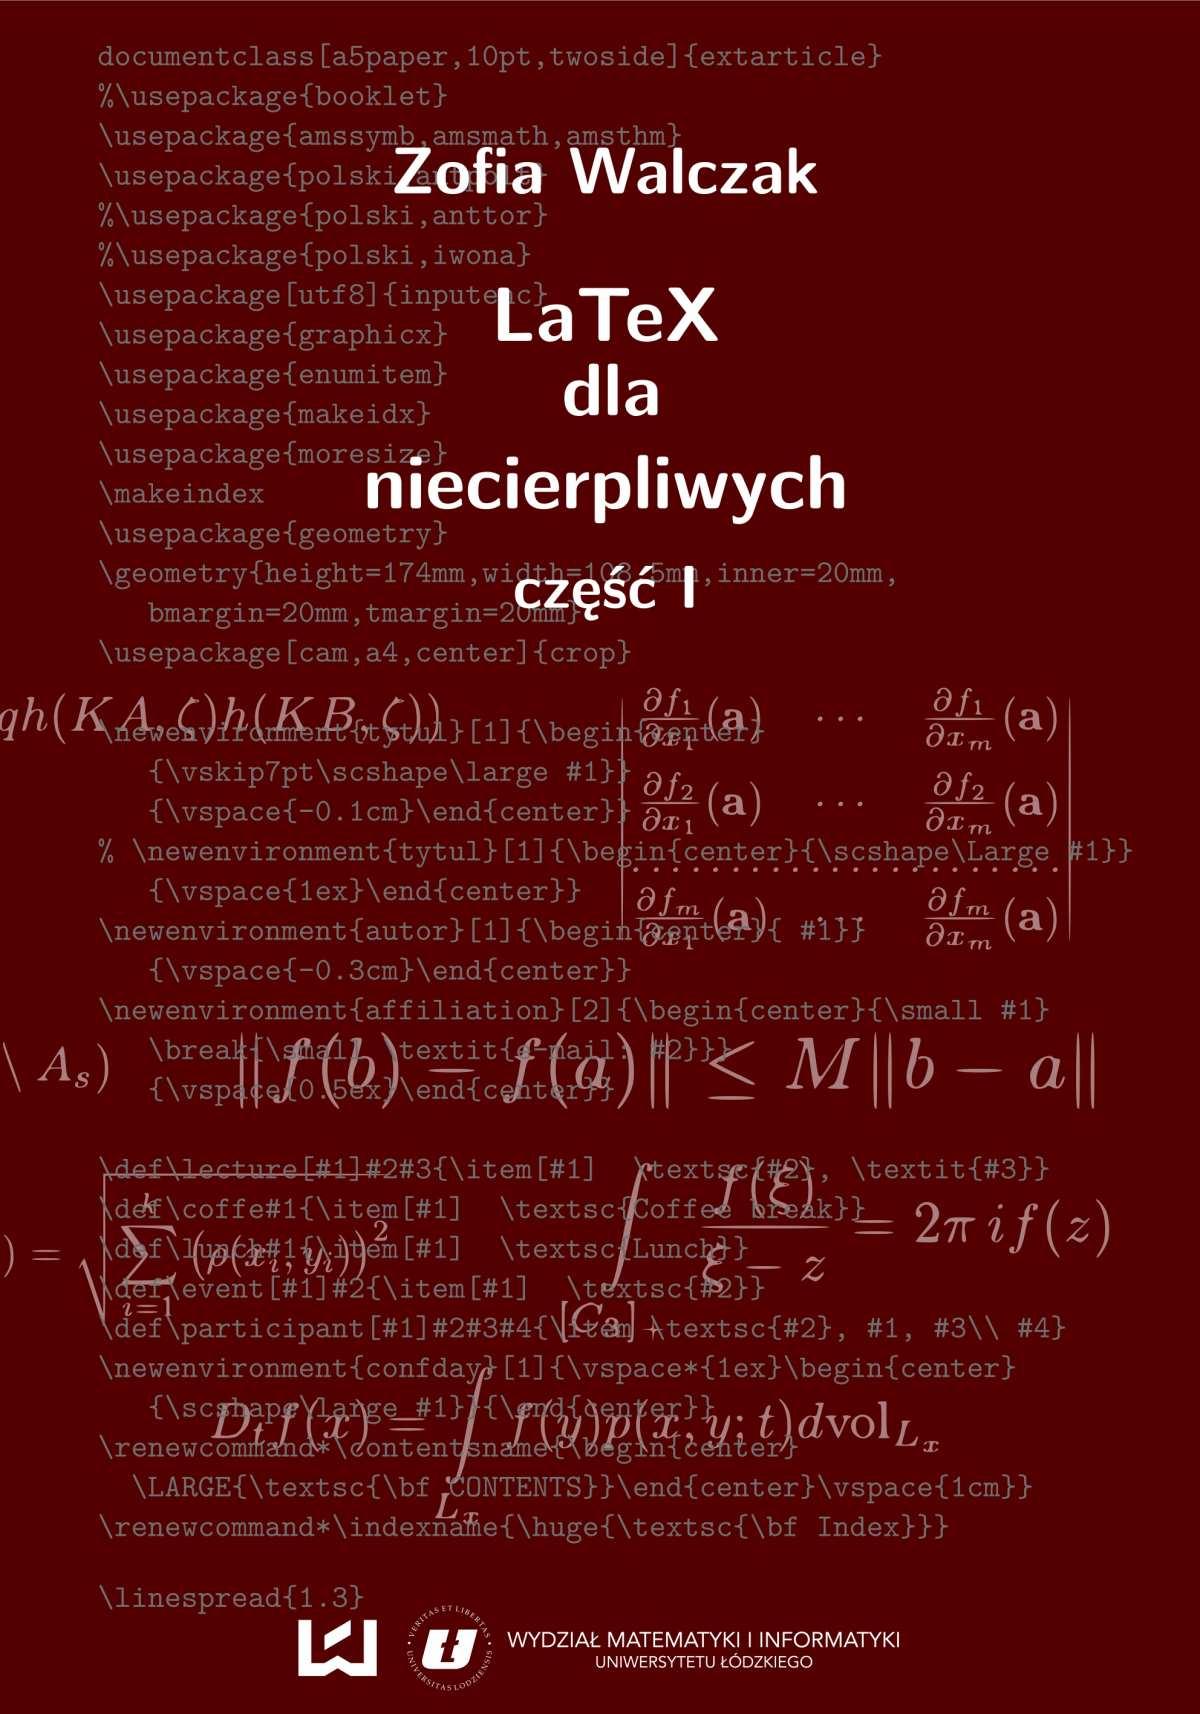 LaTeX dla niecierpliwych. Część pierwsza. Wydanie drugie poprawione i uzupełnione - Ebook (Książka PDF) do pobrania w formacie PDF